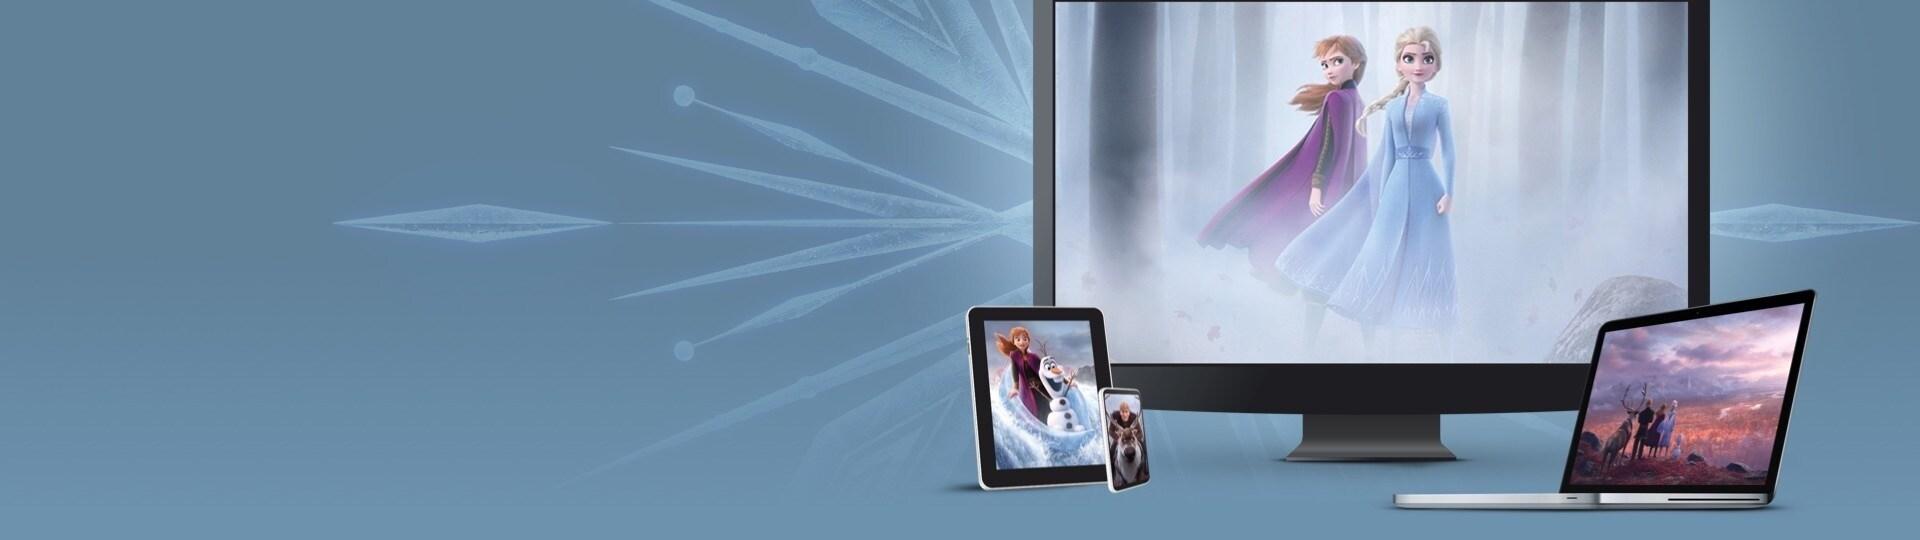 Frozen 2: Il segreto di Arendelle in download digitale